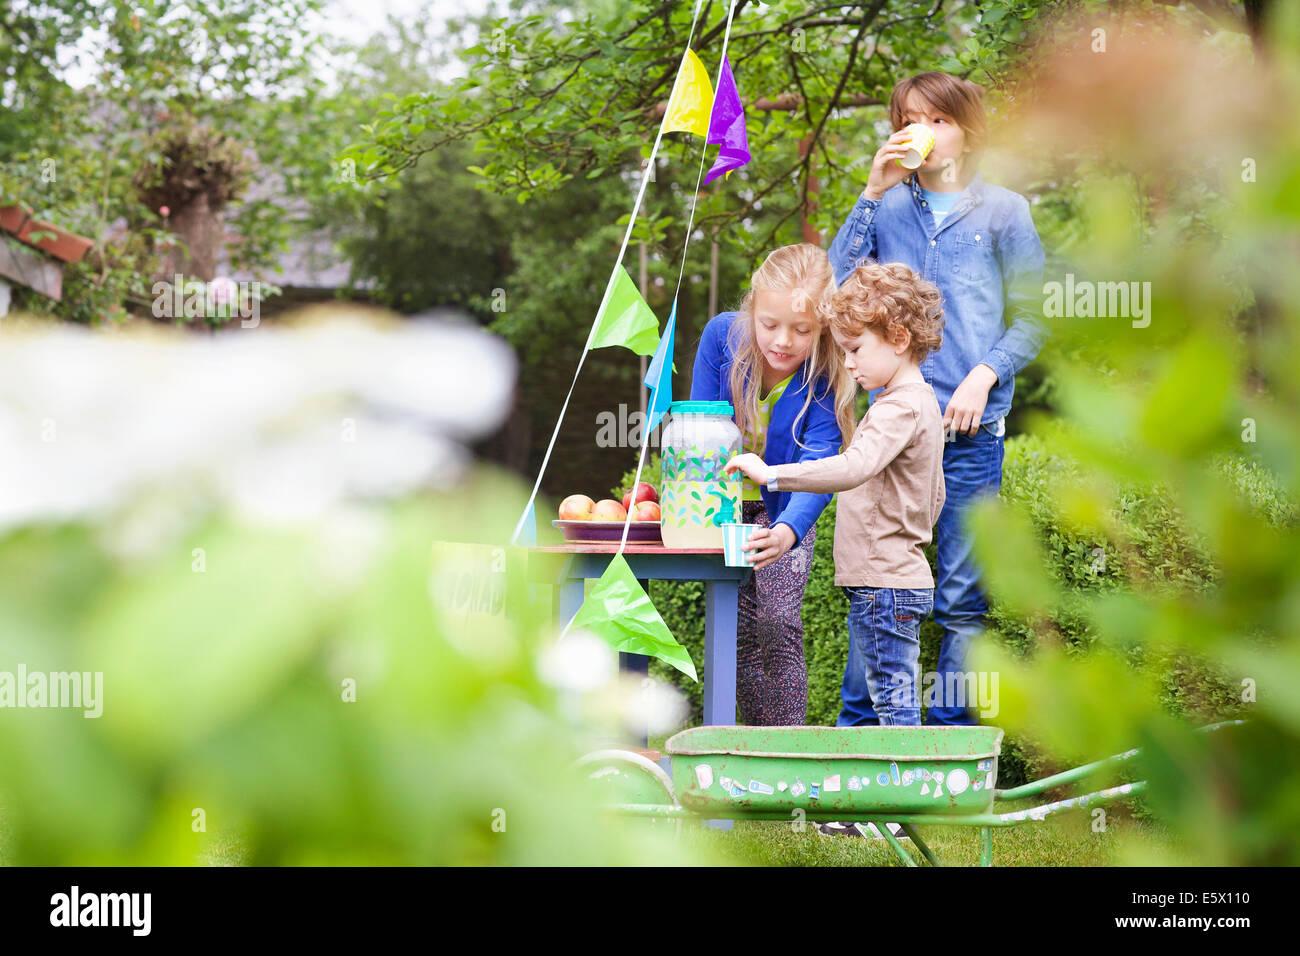 Geschwister bei ihrer Limonade stehen in ihrem Garten Stockbild